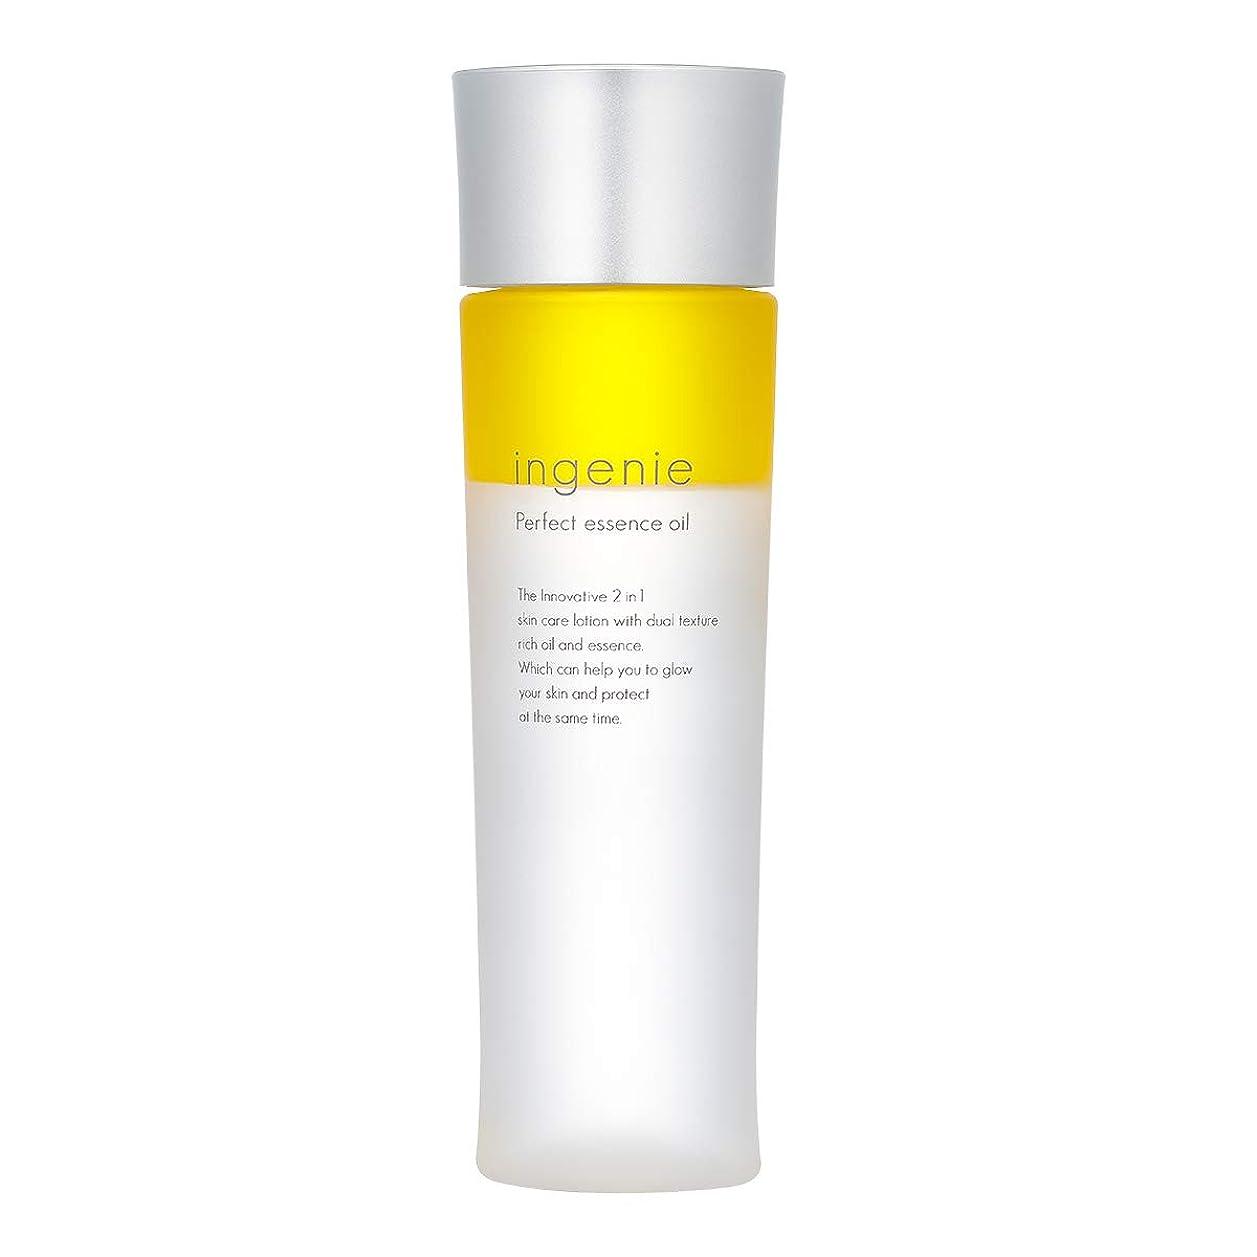 パブボルトワーカーインジニエ パーフェクトエッセンスオイル genie(ジニエ) オールインワン化粧美容オイル 保湿 ラベンダーの香り ボタニカルオイル (120ml)